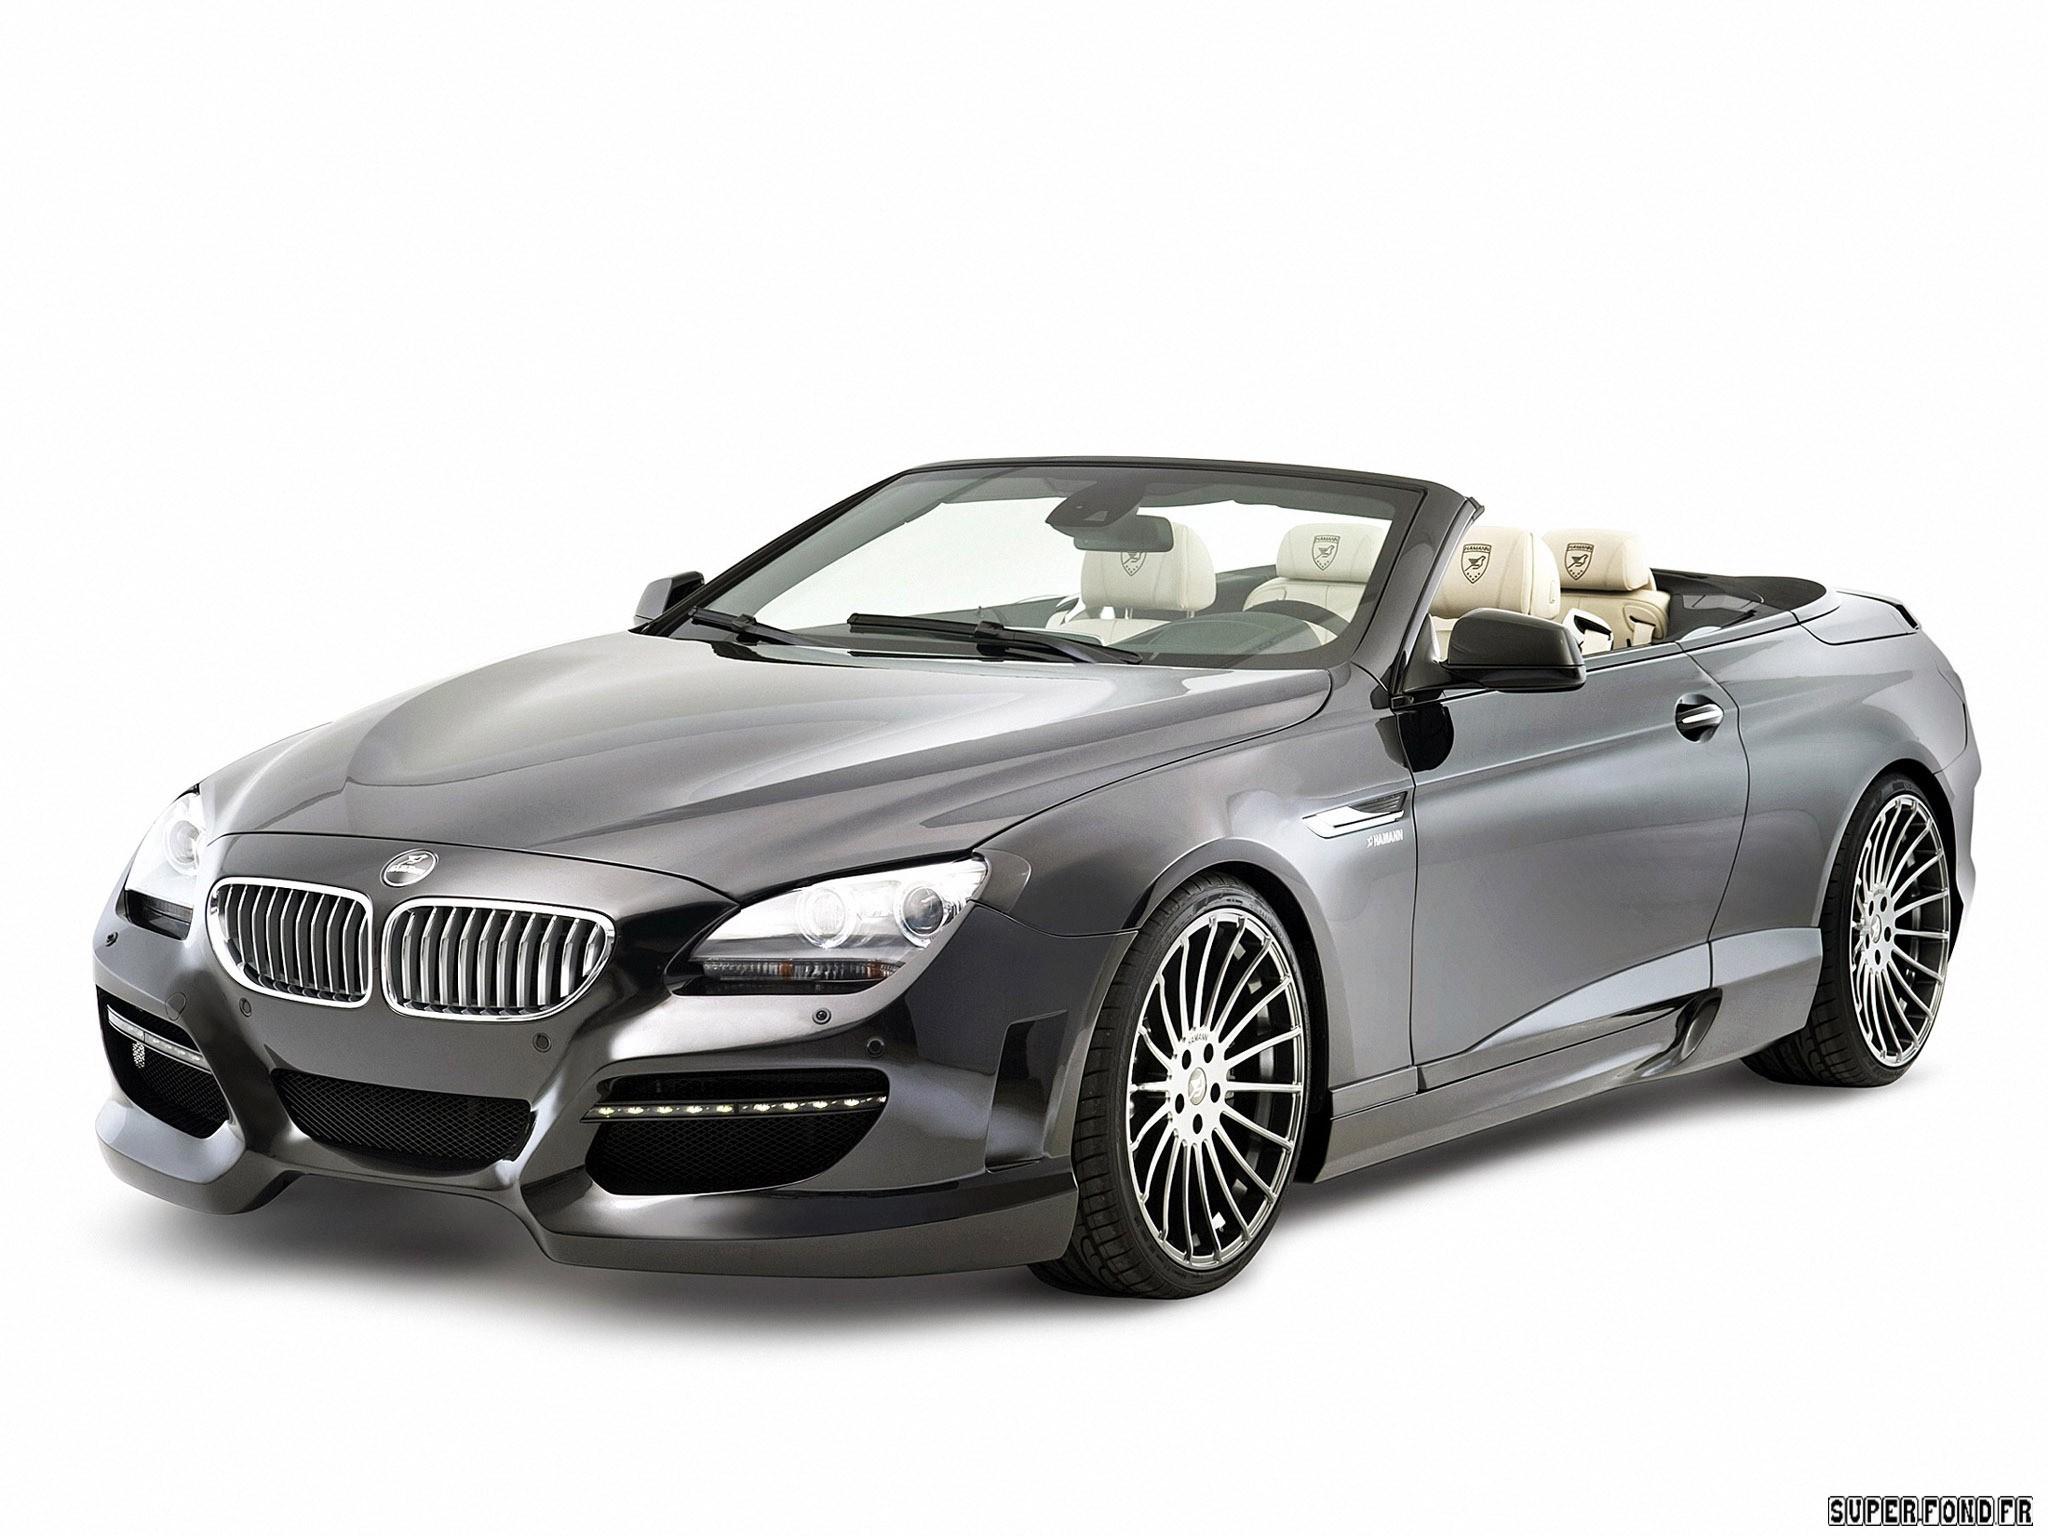 2011 Hamann - Bmw 6 Series Cabrio F13